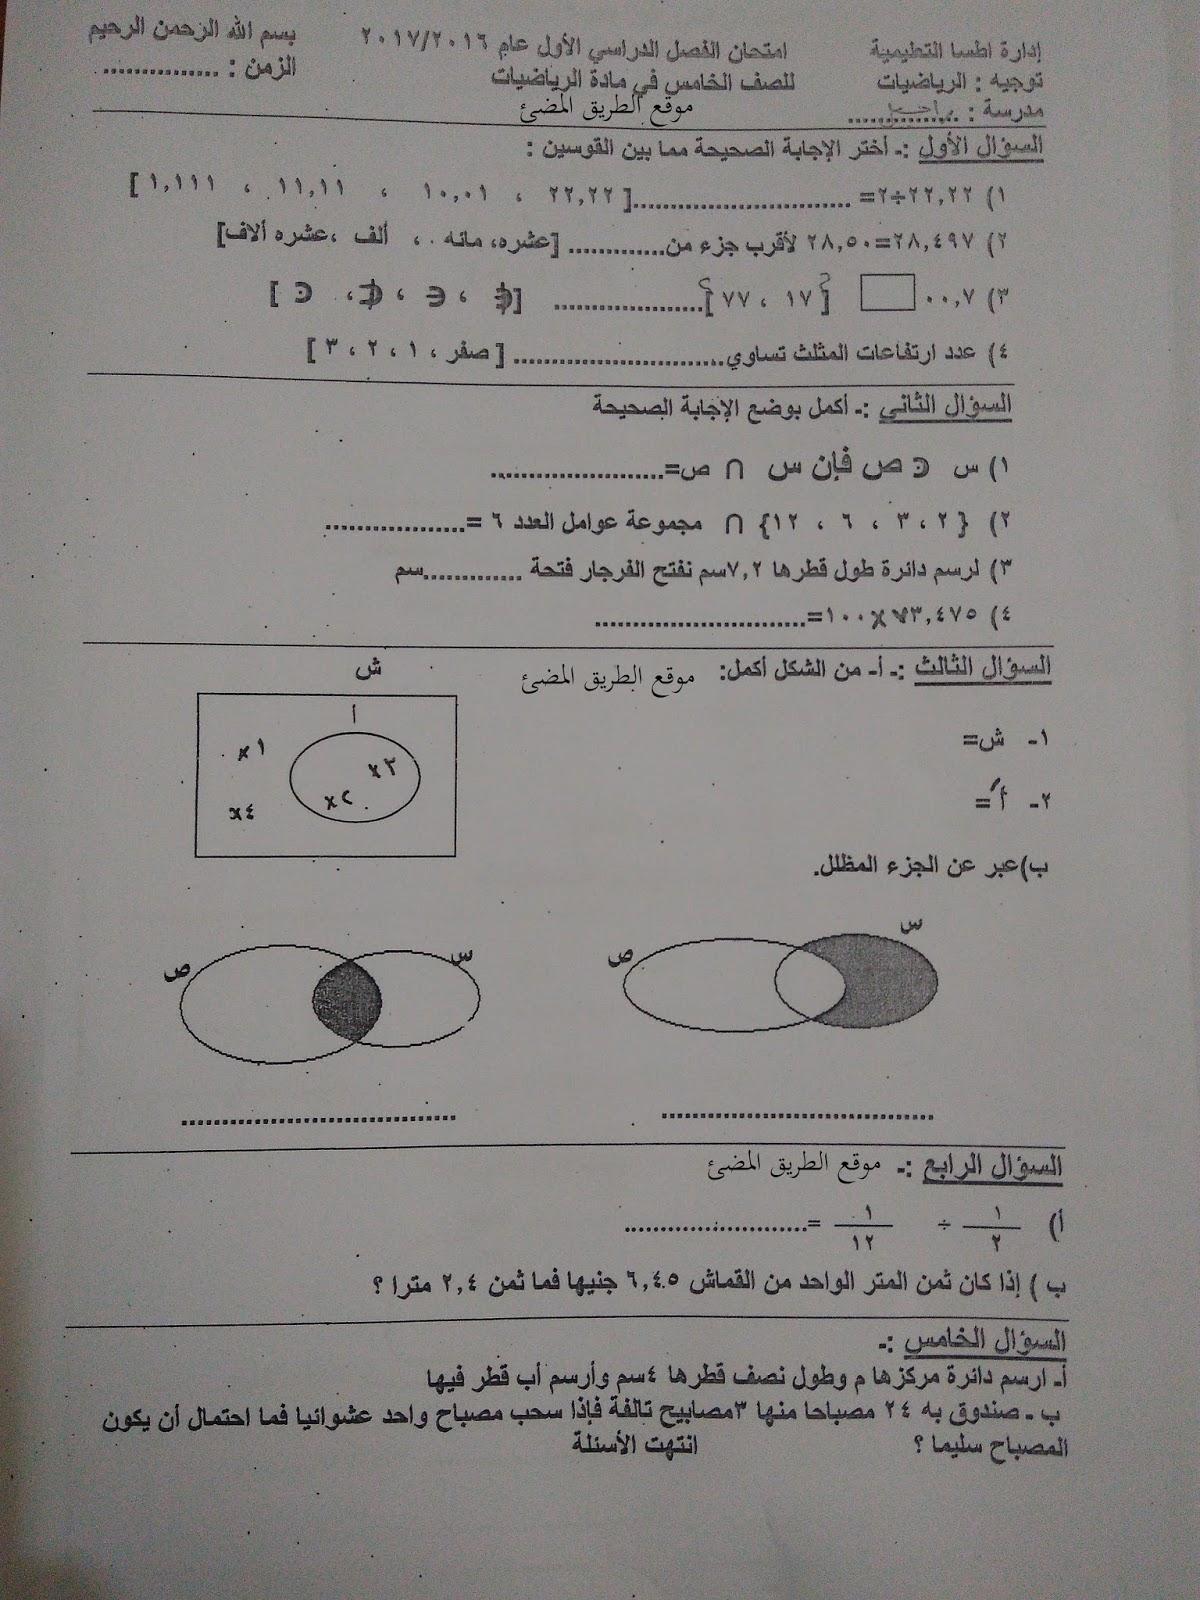 حمل امتحان نصف العام الرسمى فى الرياضيات الصف الخامس الترم الاول 2017, محافظة الفيوم , ادارة اطسا